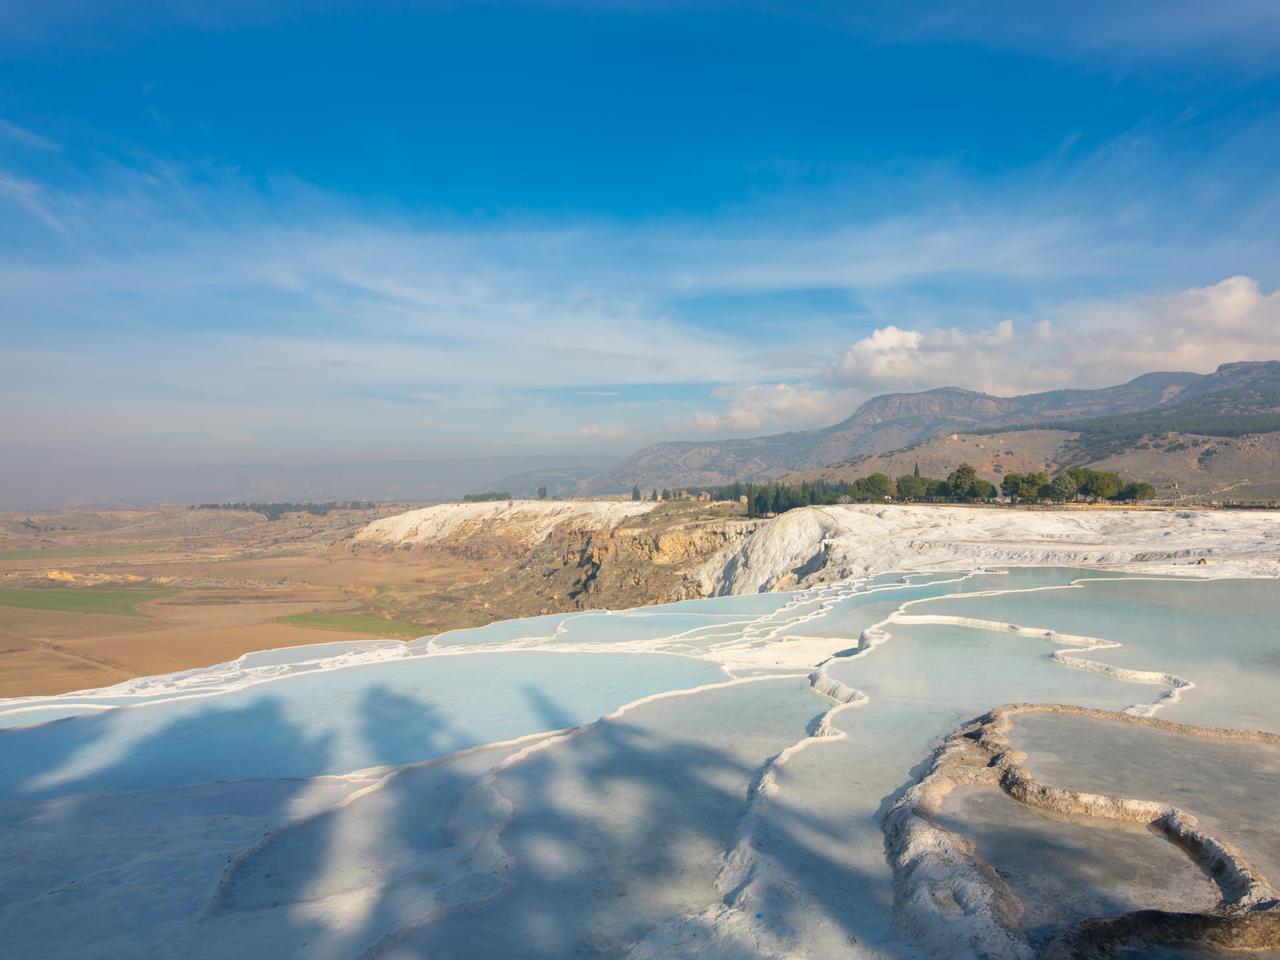 Travertine pool in  Pamukkale